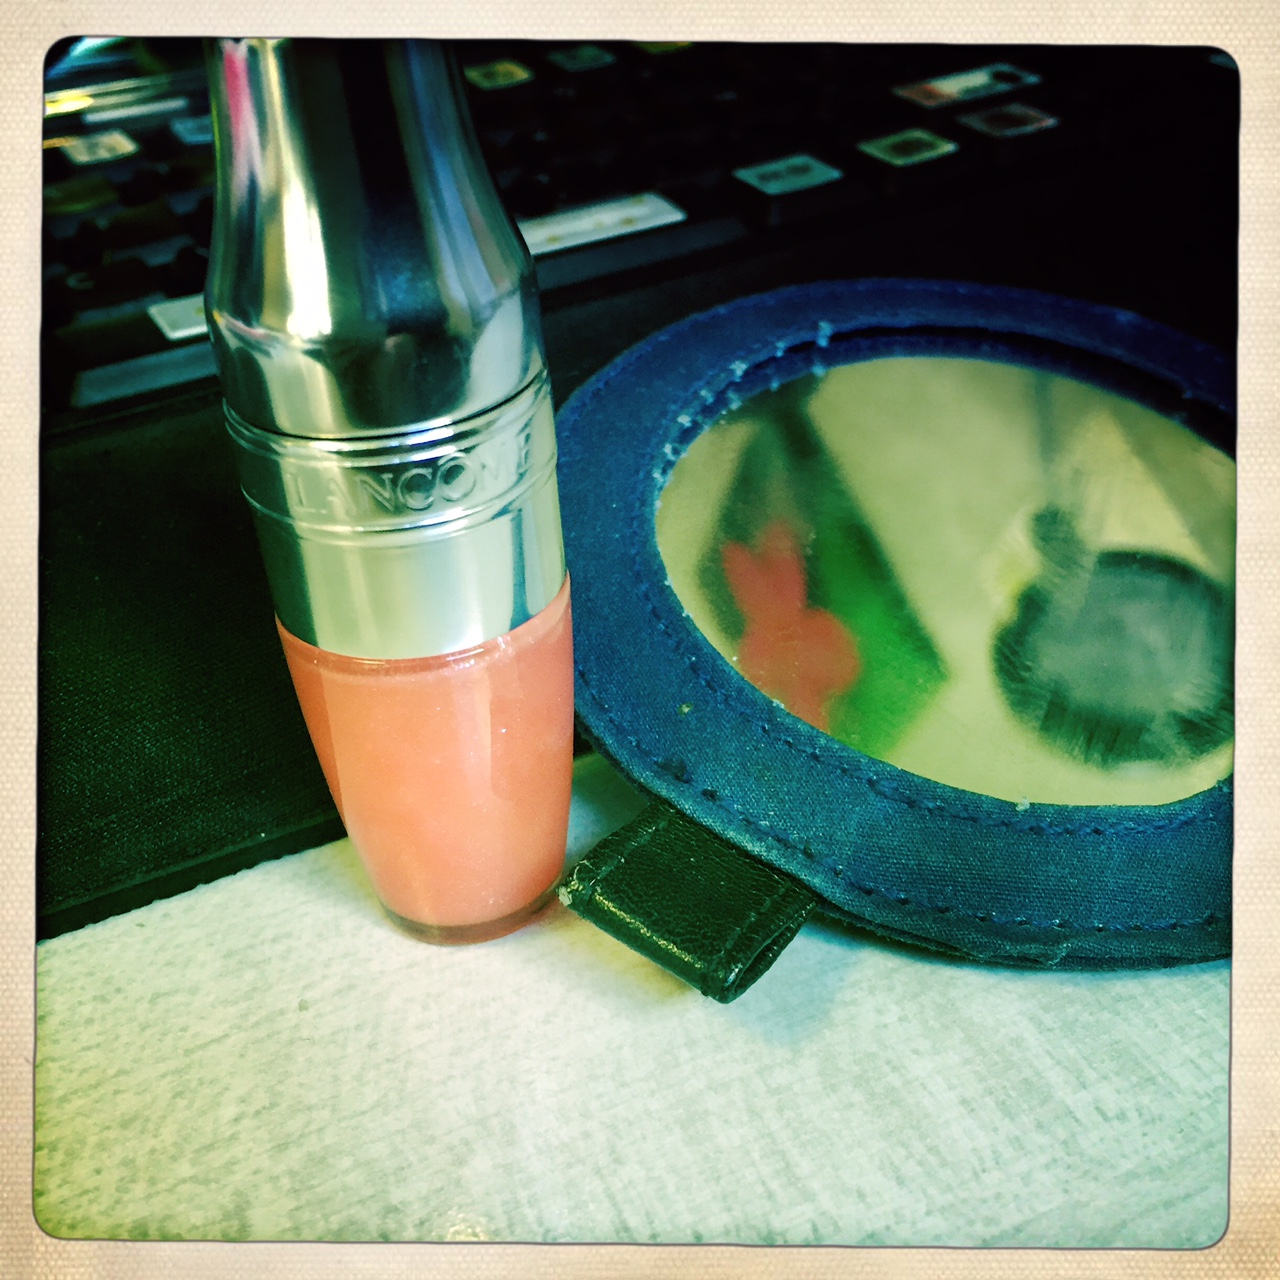 Juicy shaker de Lancôme test et avis déception